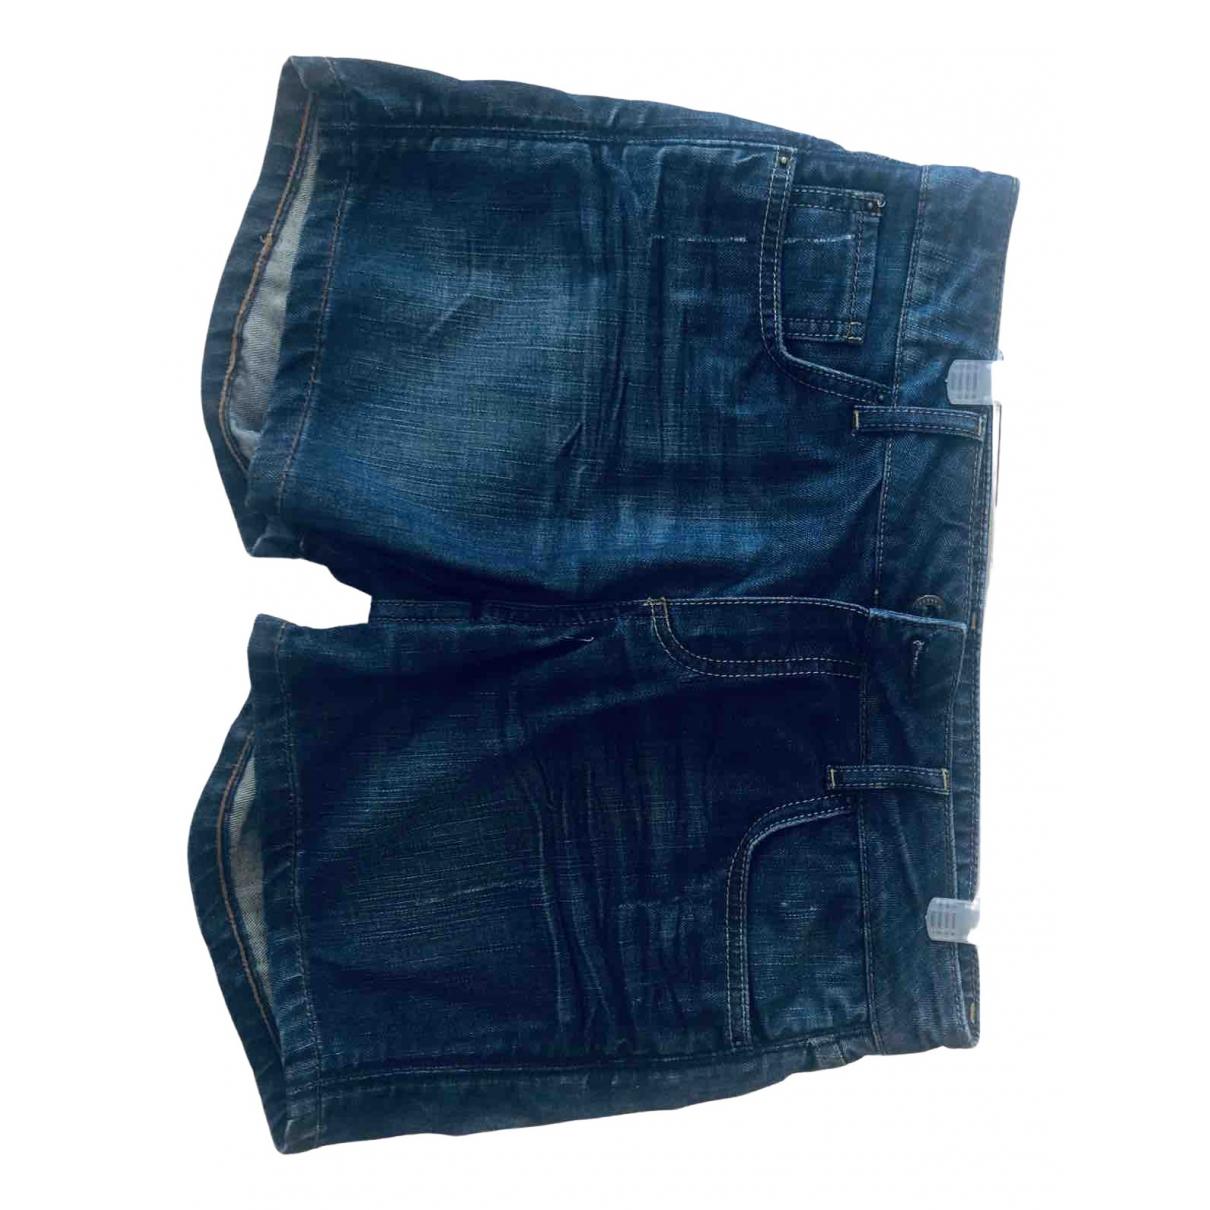 Massimo Dutti \N Blue Denim - Jeans Shorts for Women 38 FR